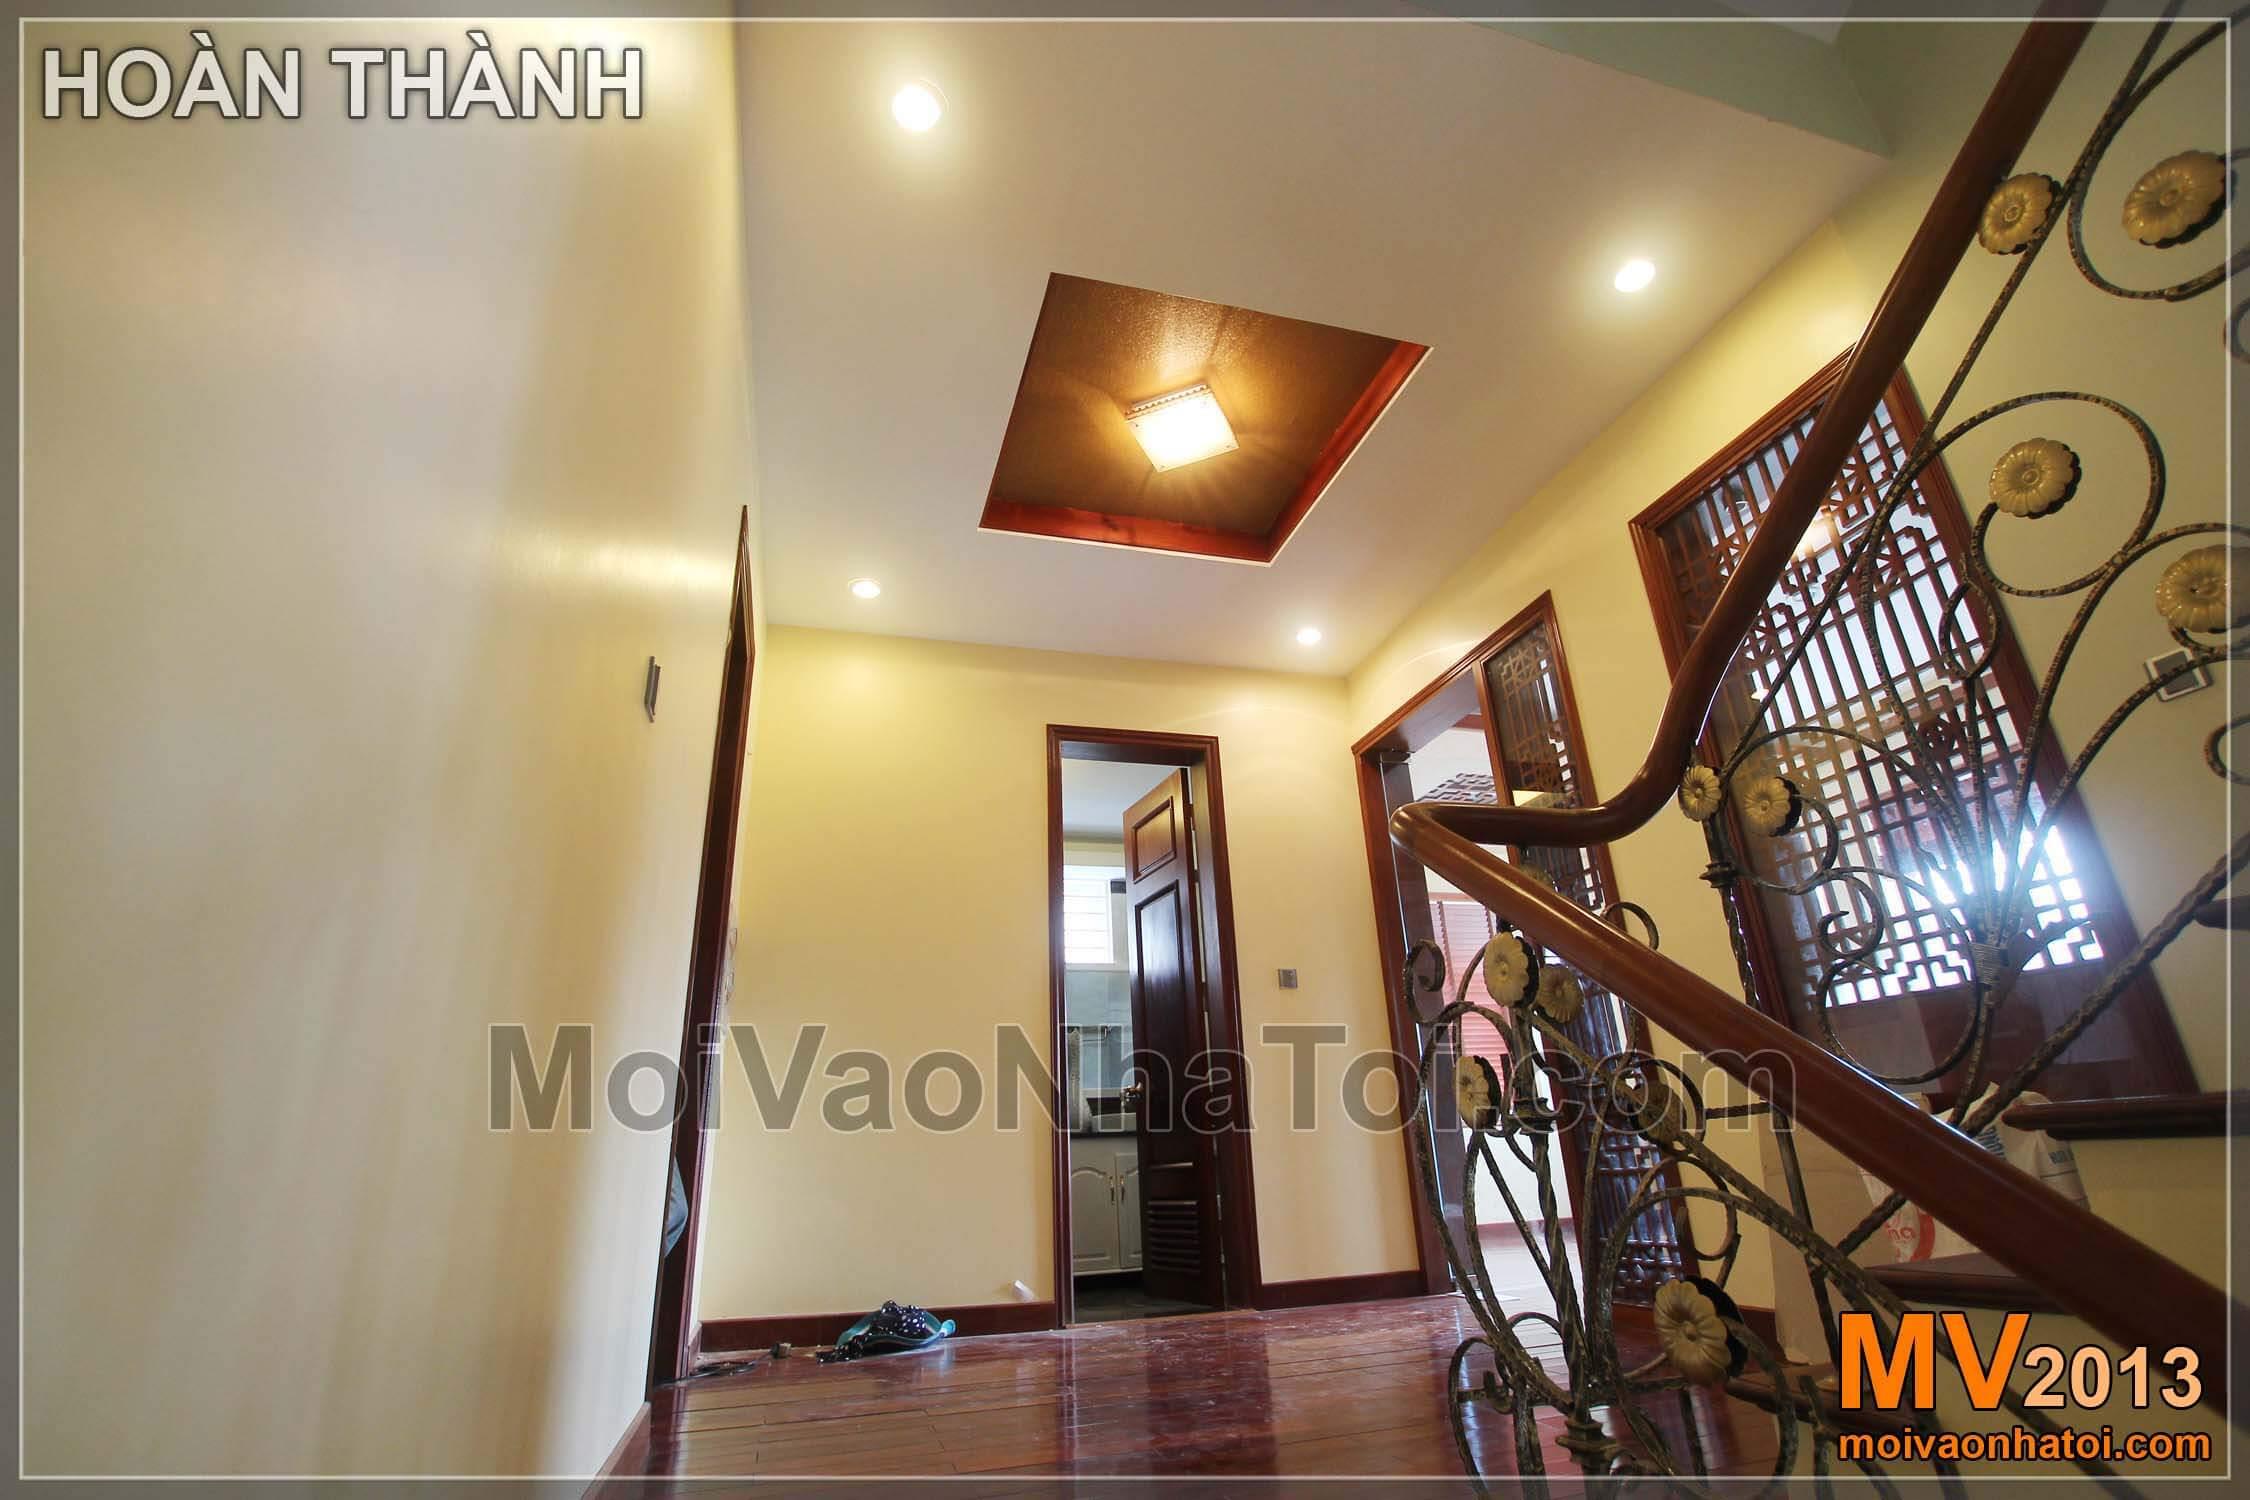 Thiết kế biệt thự đẹp khu Việt Hưng 350m2 - Phần 2: Nội thất các tầng 2, 3, 4